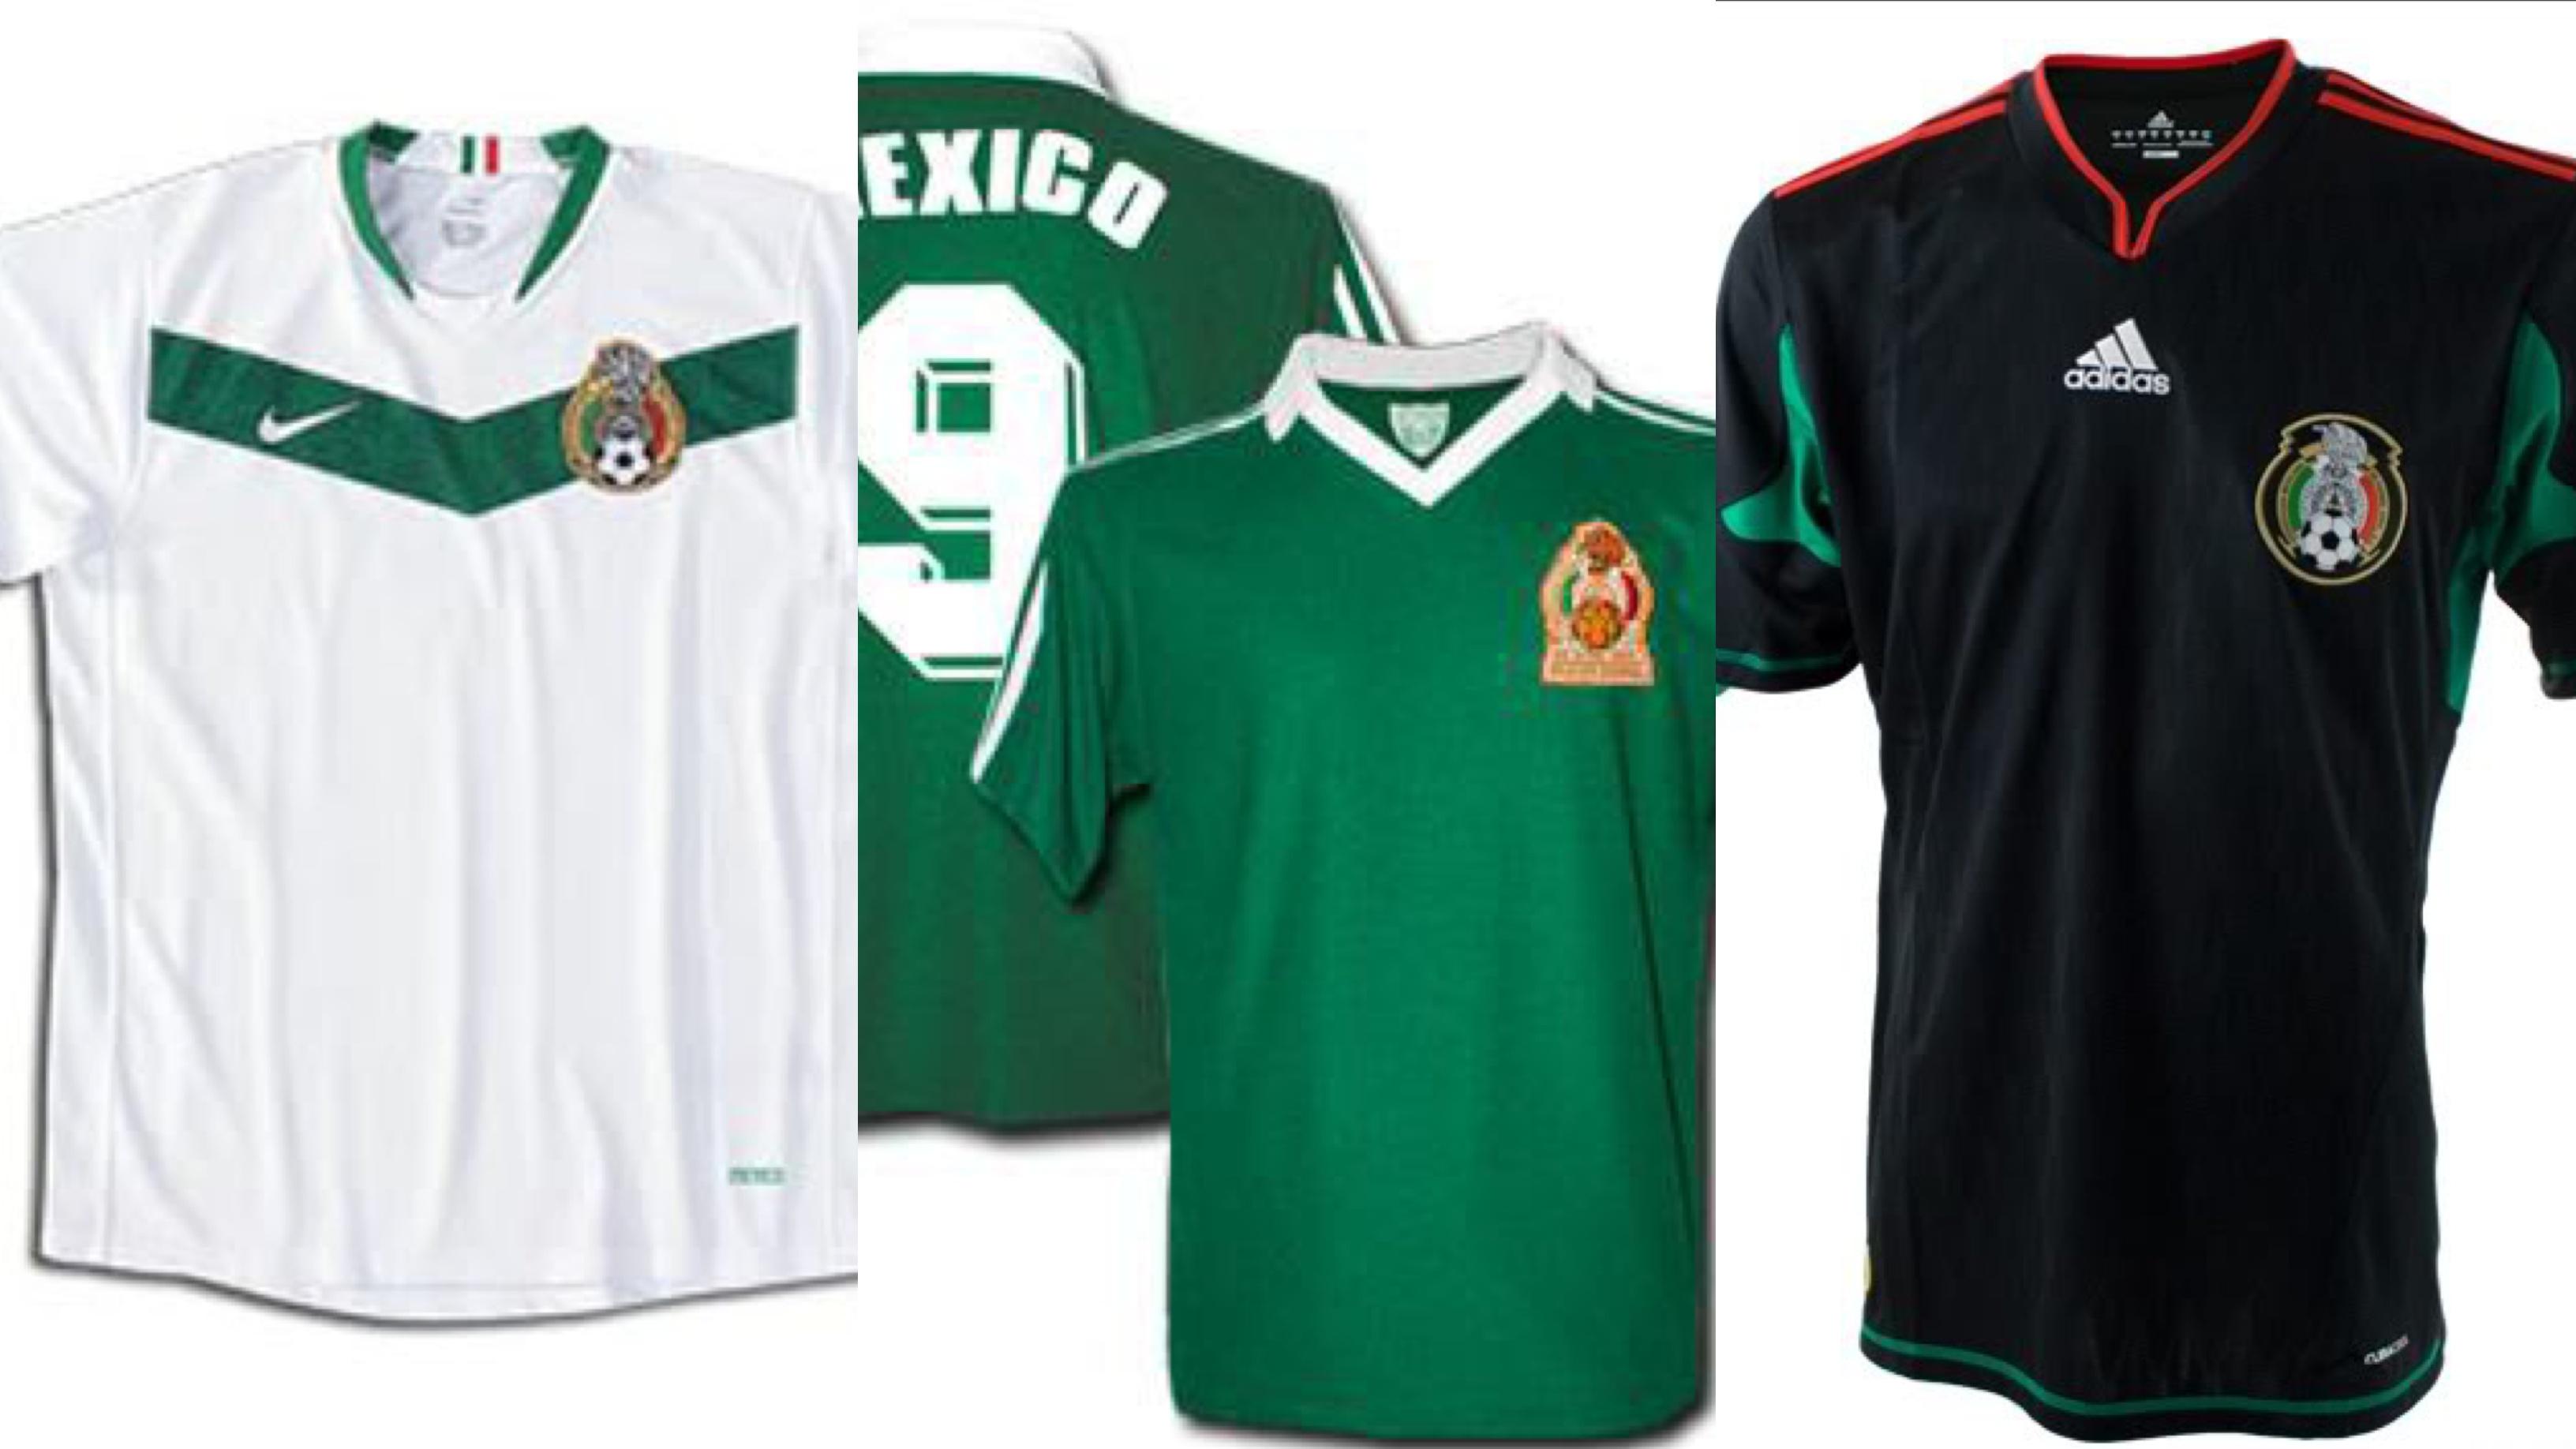 6664d5e35b6a5 ¿Cuál es la Jersey más bonita de la Selección Mexicana